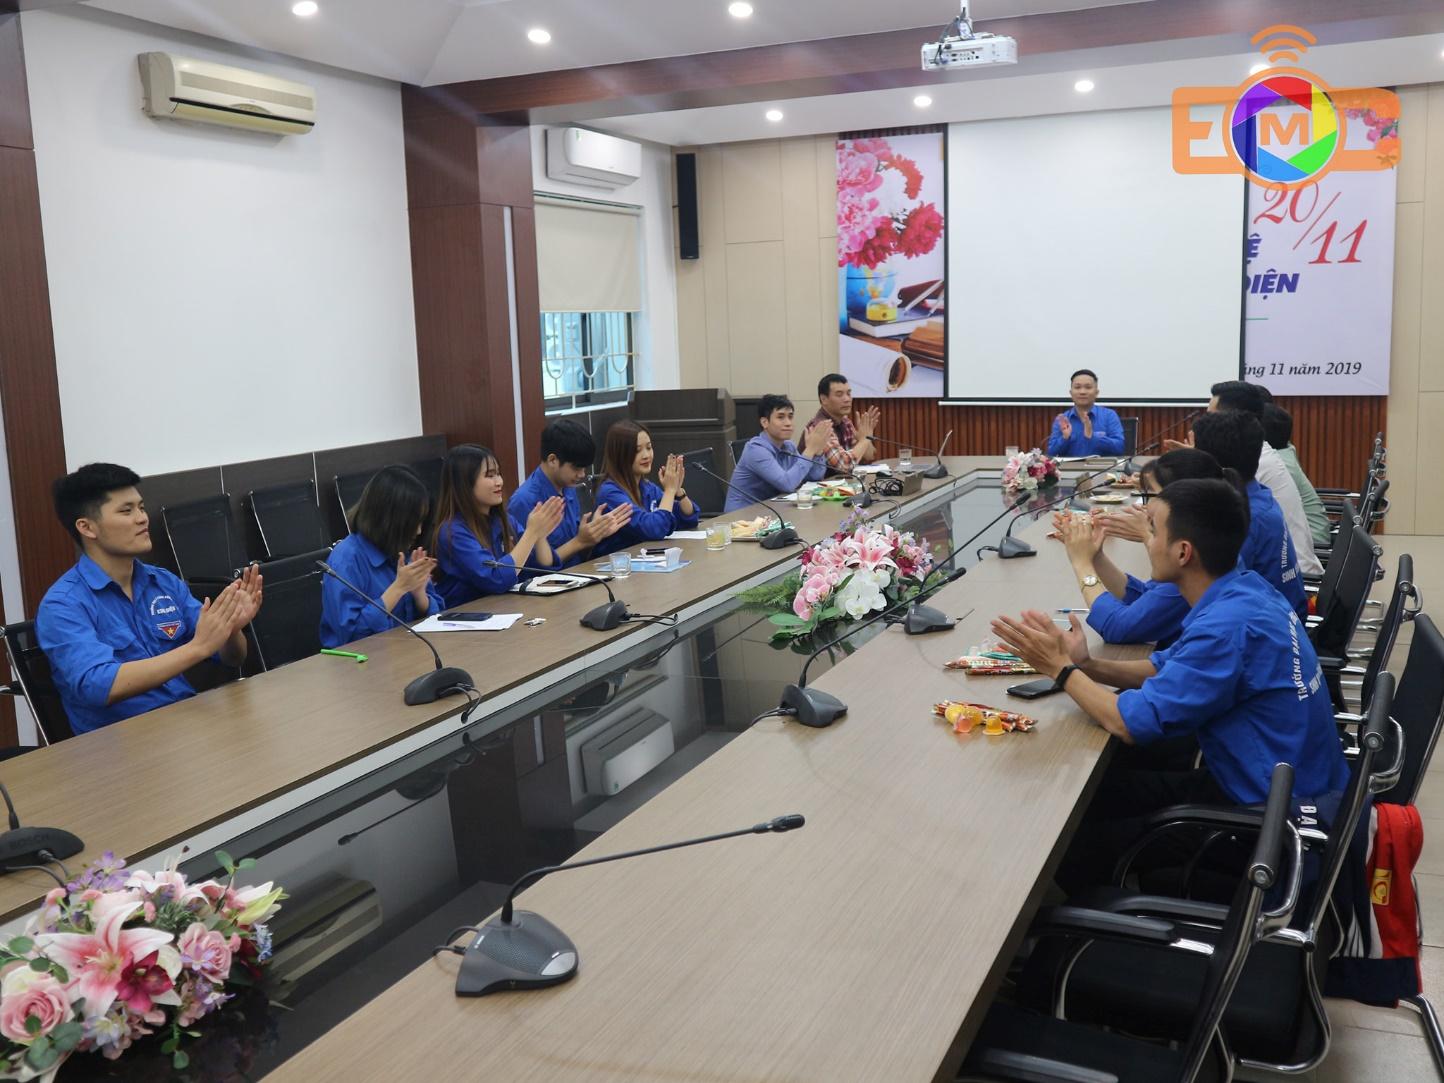 Hội nghị kiện toàn BCH Liên chi Đoàn khoa Điện khóa IX, nhiệm kỳ 2019 - 2022